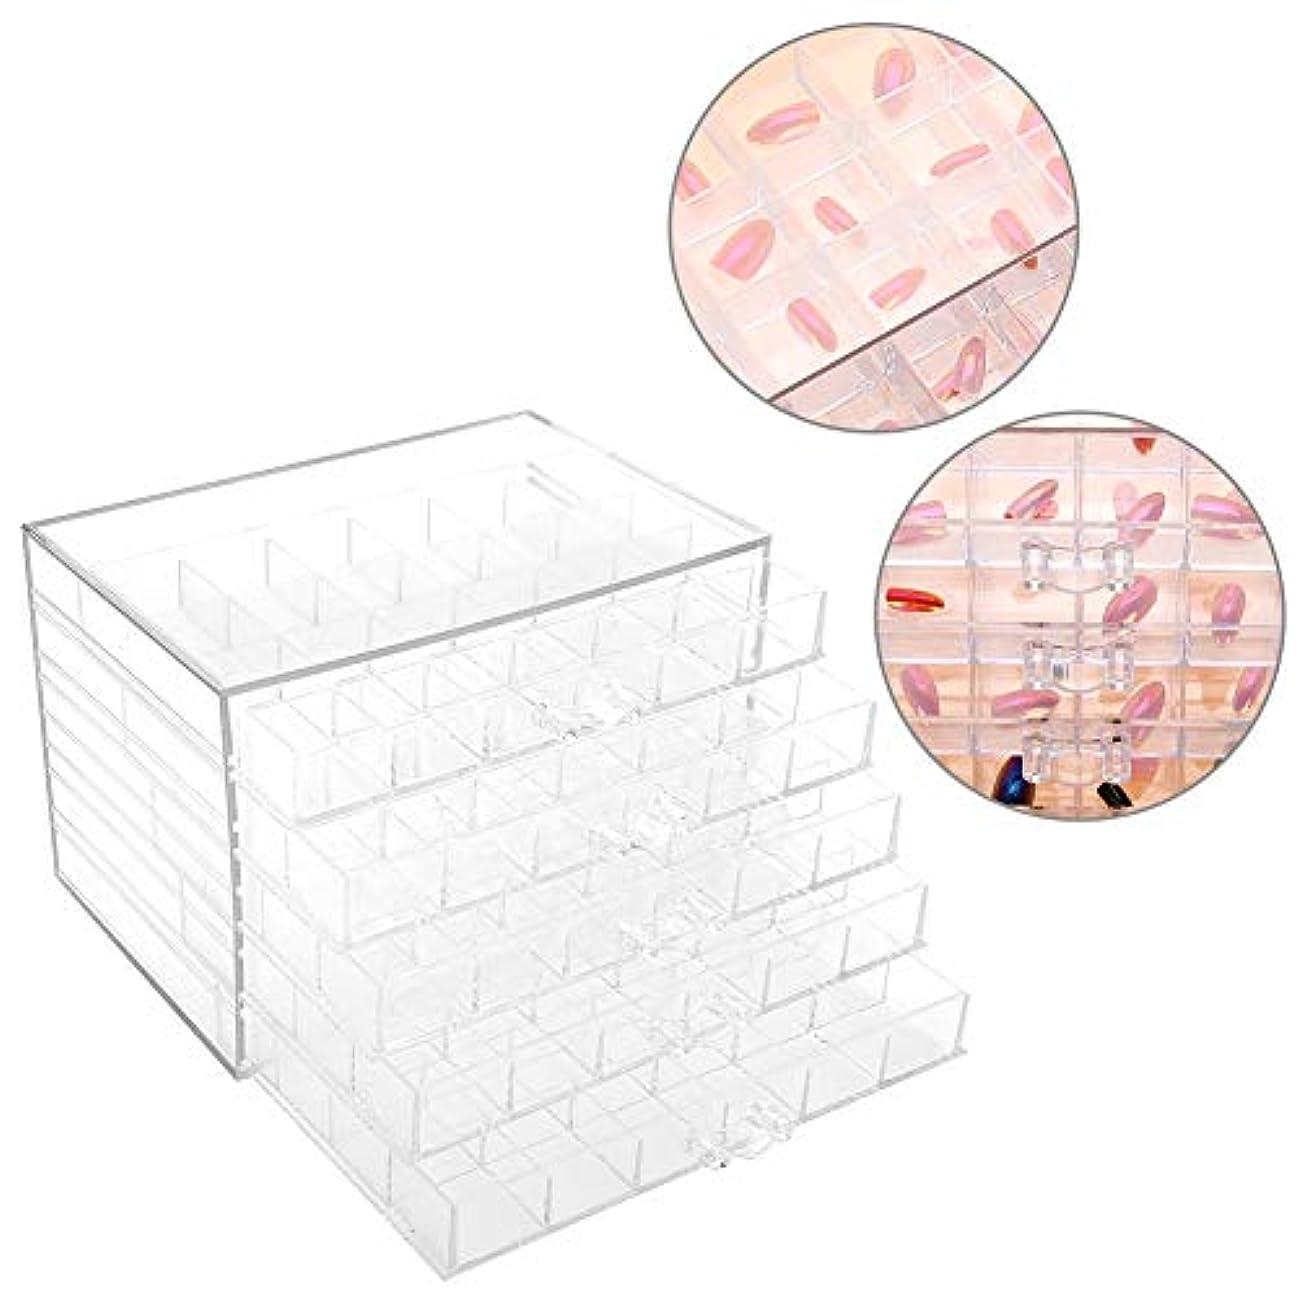 モンスターむさぼり食う嬉しいですネイル装飾シーケンス 120グリッド 小物入れ 防水 便利 整理ボックス透明空ネイルアート収納ボックス化粧品アート 透明